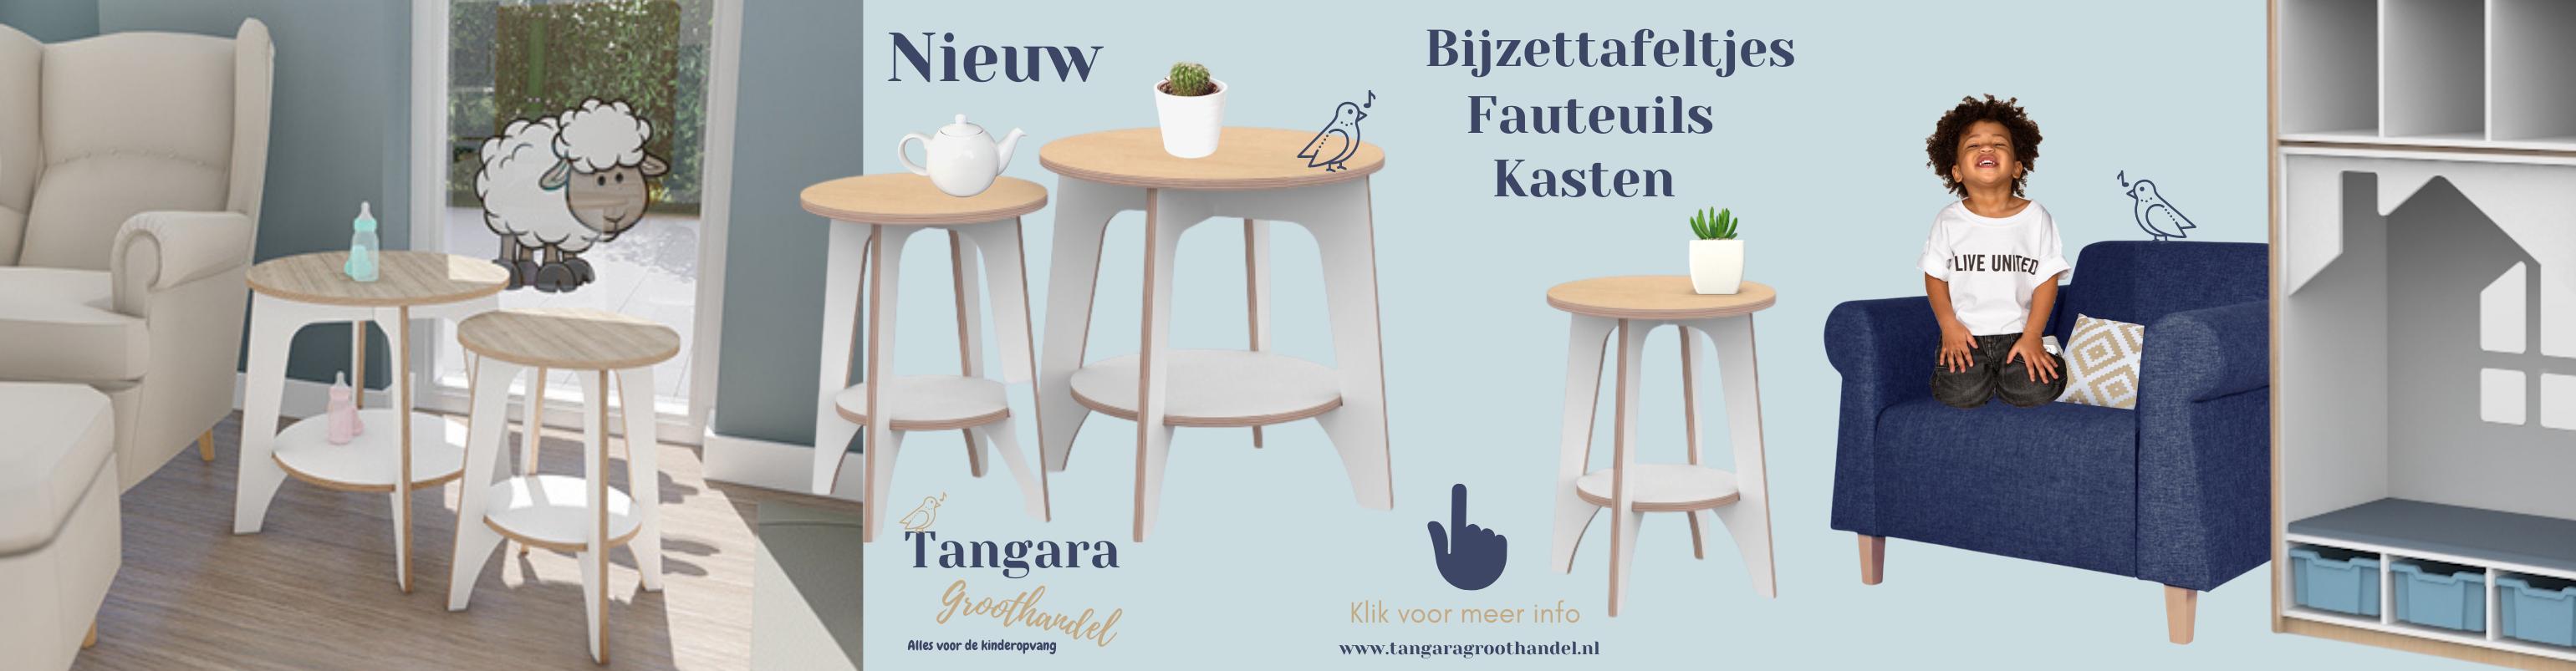 Banner Nieuw Castilo Bijzettafeltjes, Fauteuil Chloe, Kast nov 2020